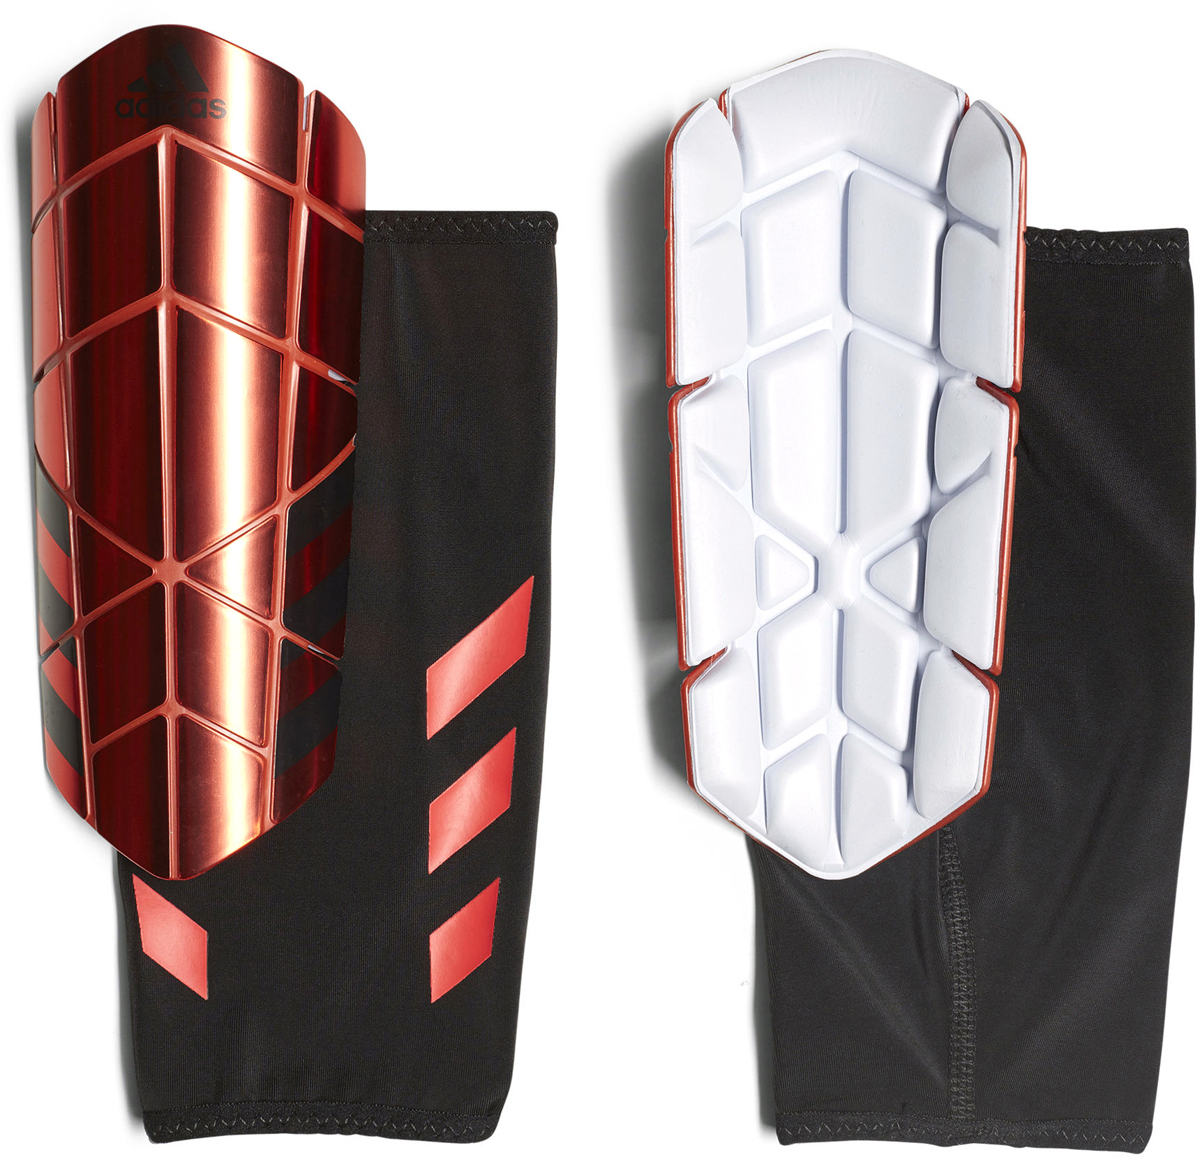 Щитки футбольные Adidas Ghost Pro, цвет: красный. Размер XLCF2431Щитки Adidas Ghost Pro для искусного маневрирования. Уверенно обходи защиту в этих футбольных щитках. Гибкие пластины повторяют изгибы голени и не сковывают движения во время маневрирования. Компрессионный рукав удерживает щитки на месте до конца матча.Гибкие рельефные пластины удобного размера обеспечивают максимальную защиту. Внутренний слой из ЭВА для оптимального комфорта и амортизации. Съемная передняя панель обеспечивает идеальную посадку и комфорт. Три полоски и логотип Adidas на лицевой стороне. Щитки выполнены из 95% полипропилена и 5% термопластичной резины.